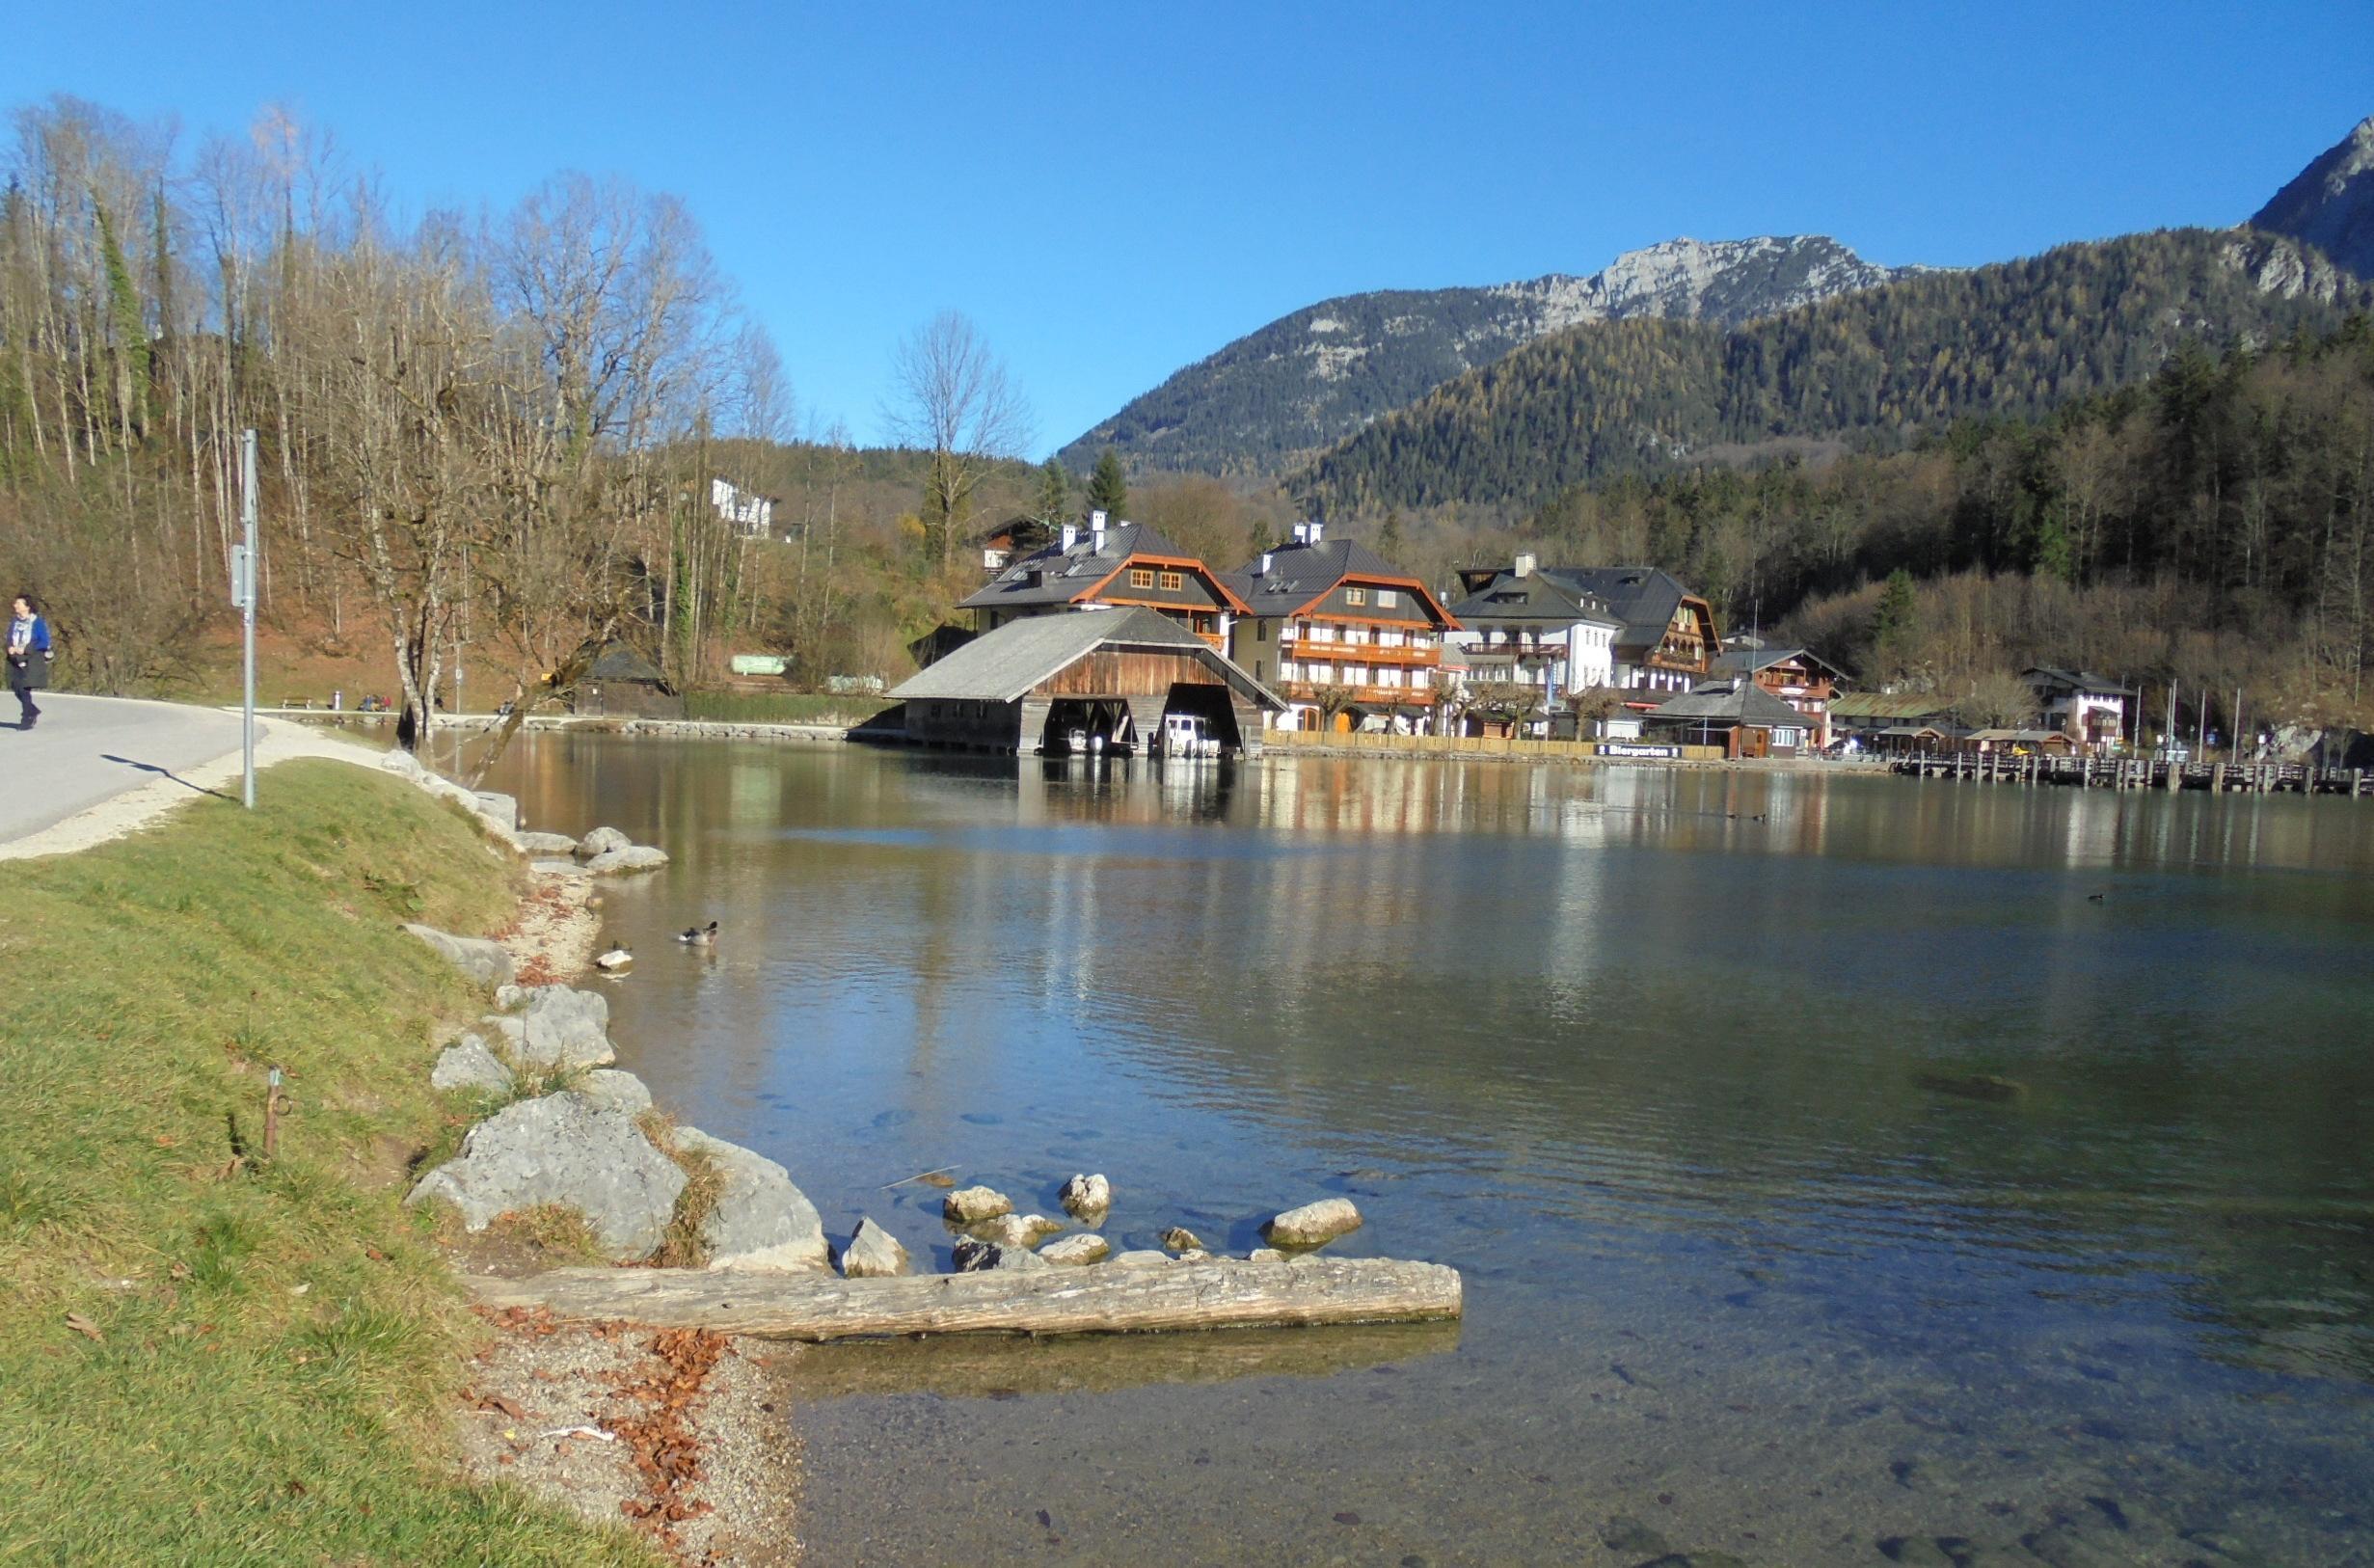 Ferienwohnung Chiemgau-Chiemsee Bayrische Alpen (469319), Siegsdorf, Chiemgau, Bayern, Deutschland, Bild 31